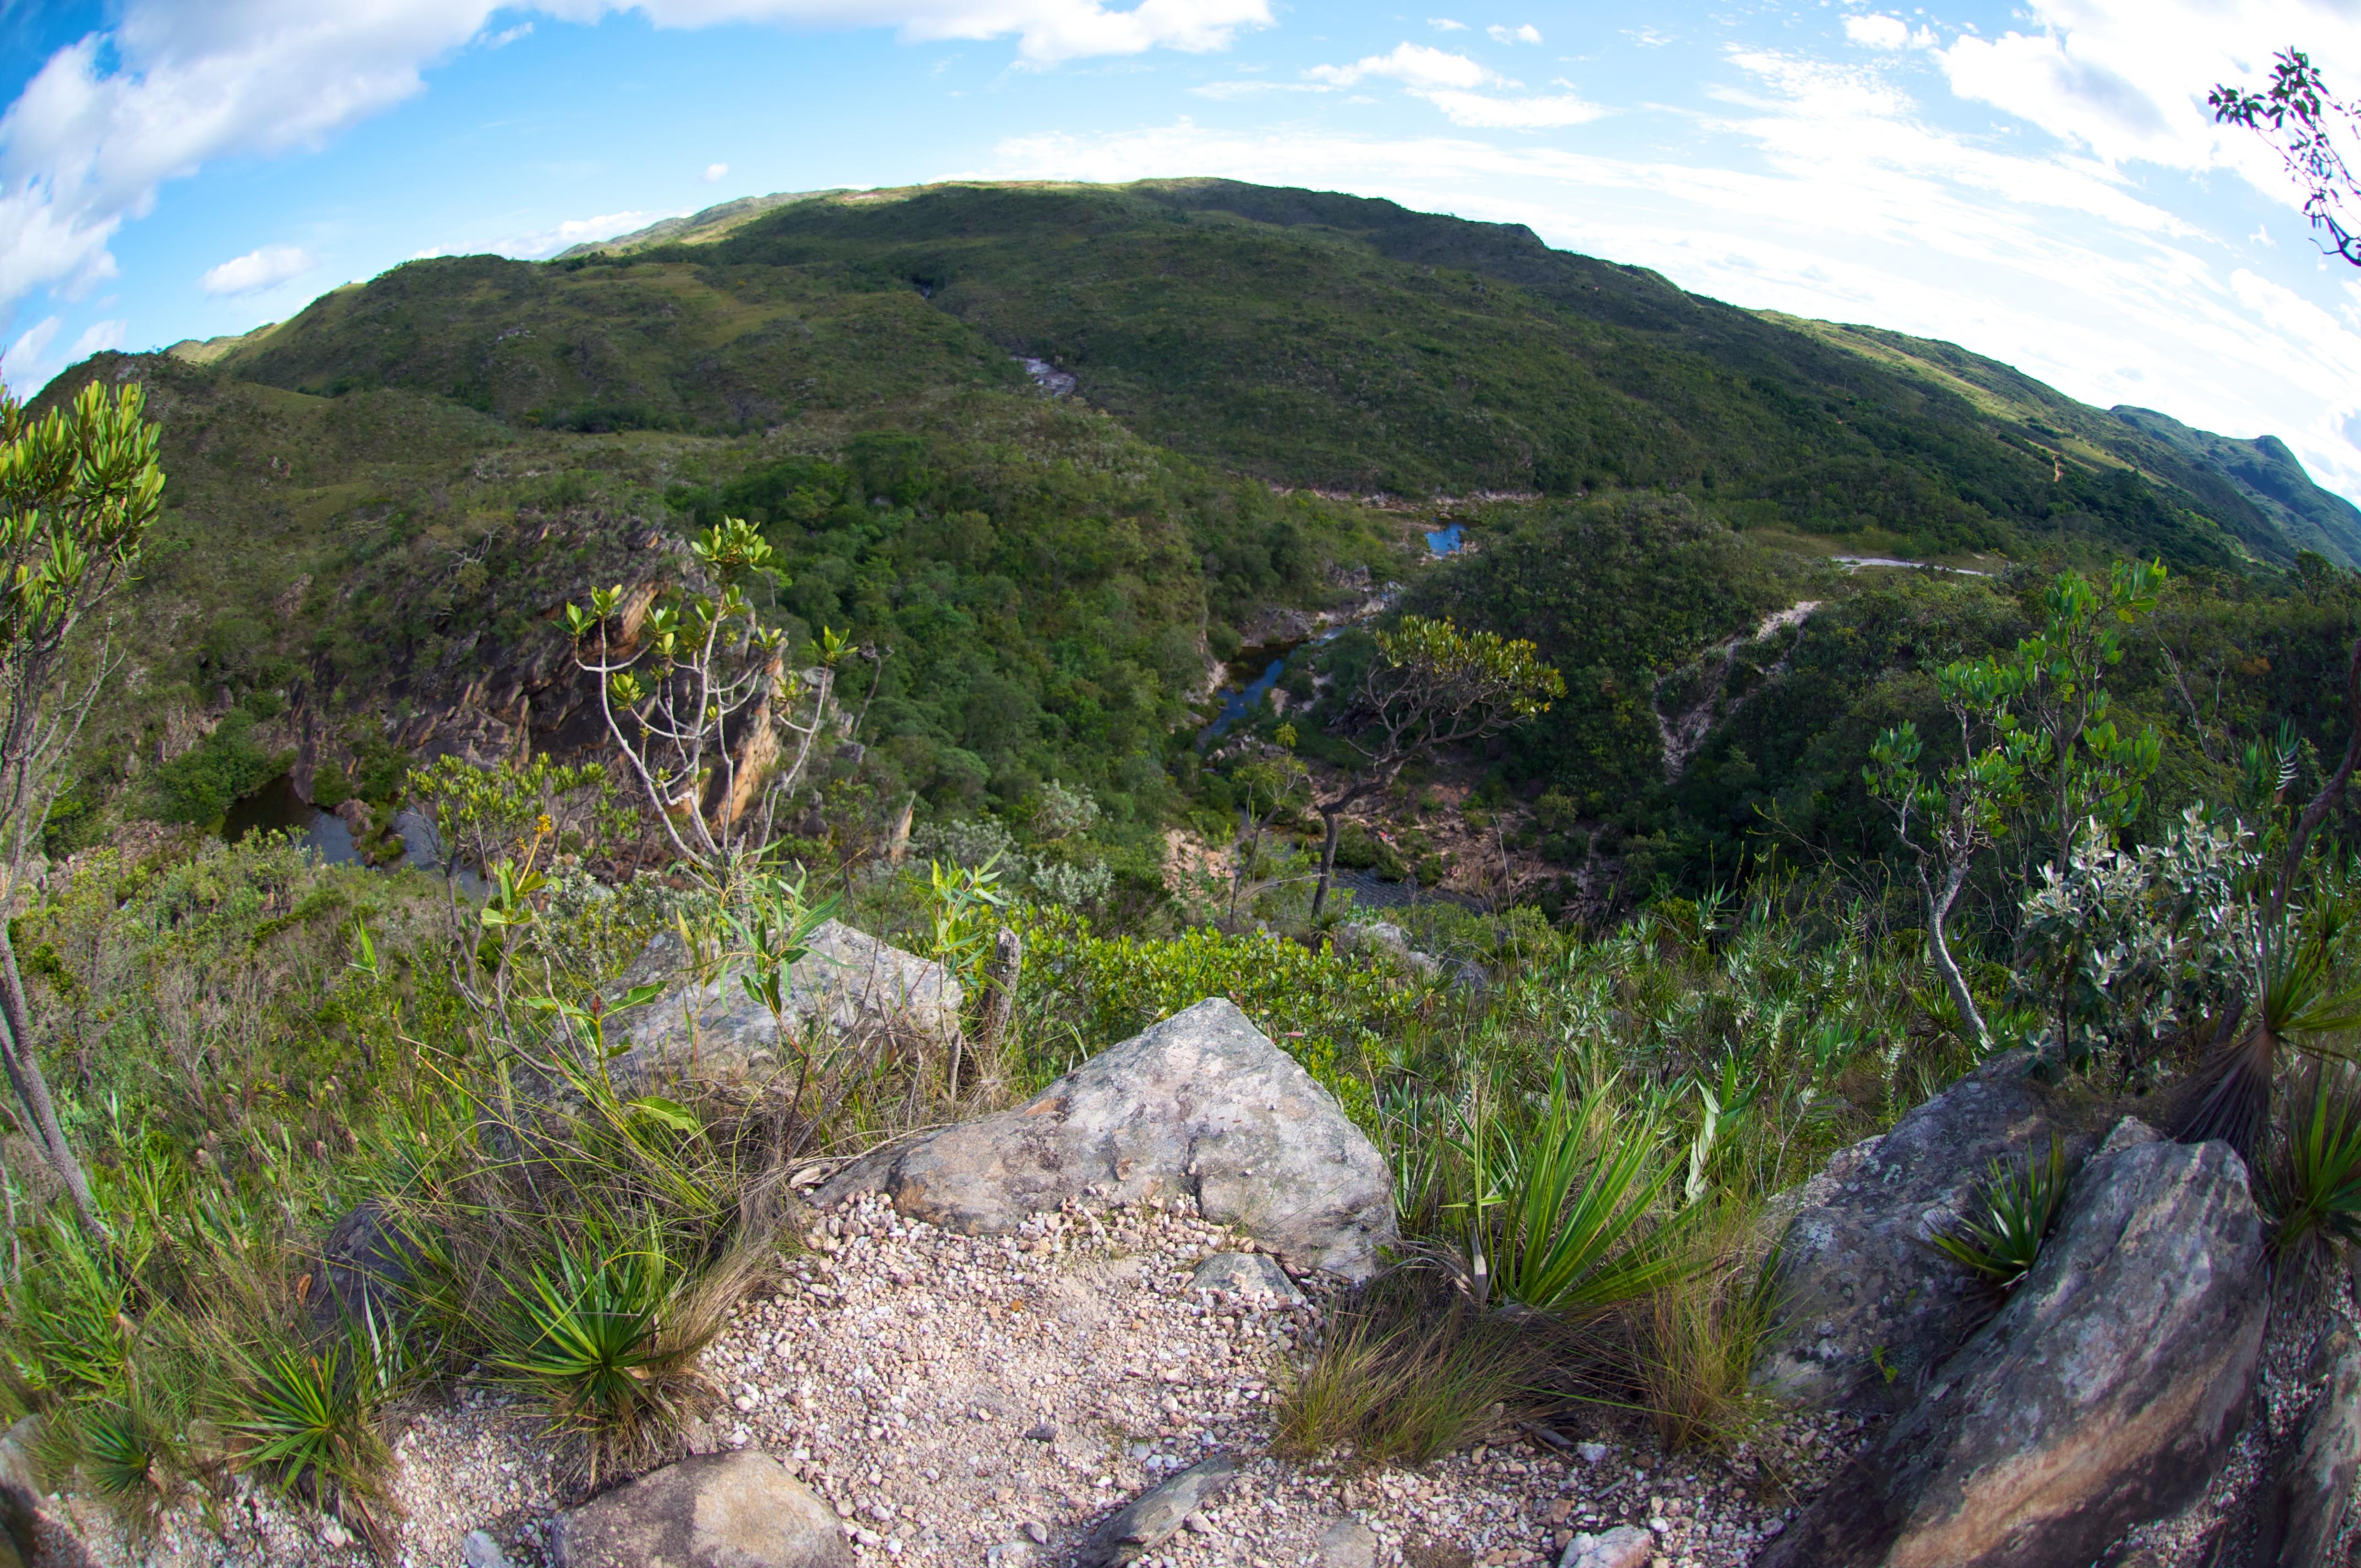 Parque Nacional da Serra do Cipó Minas Gerais